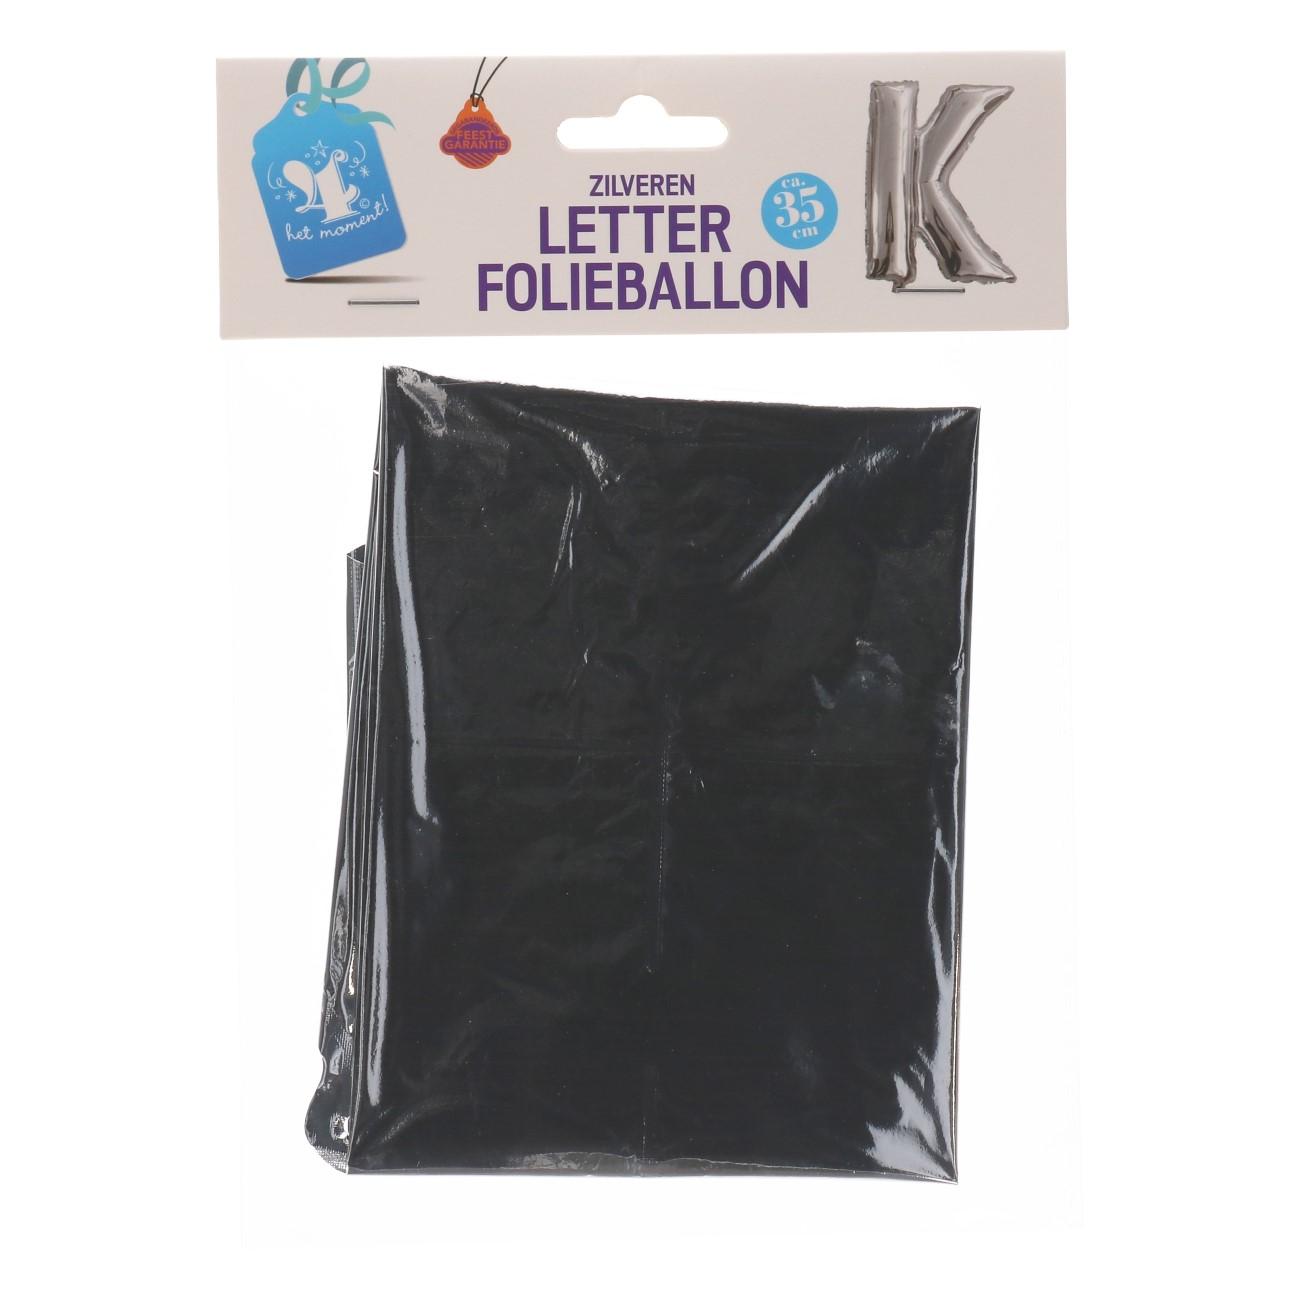 Folieballon letter zilver K